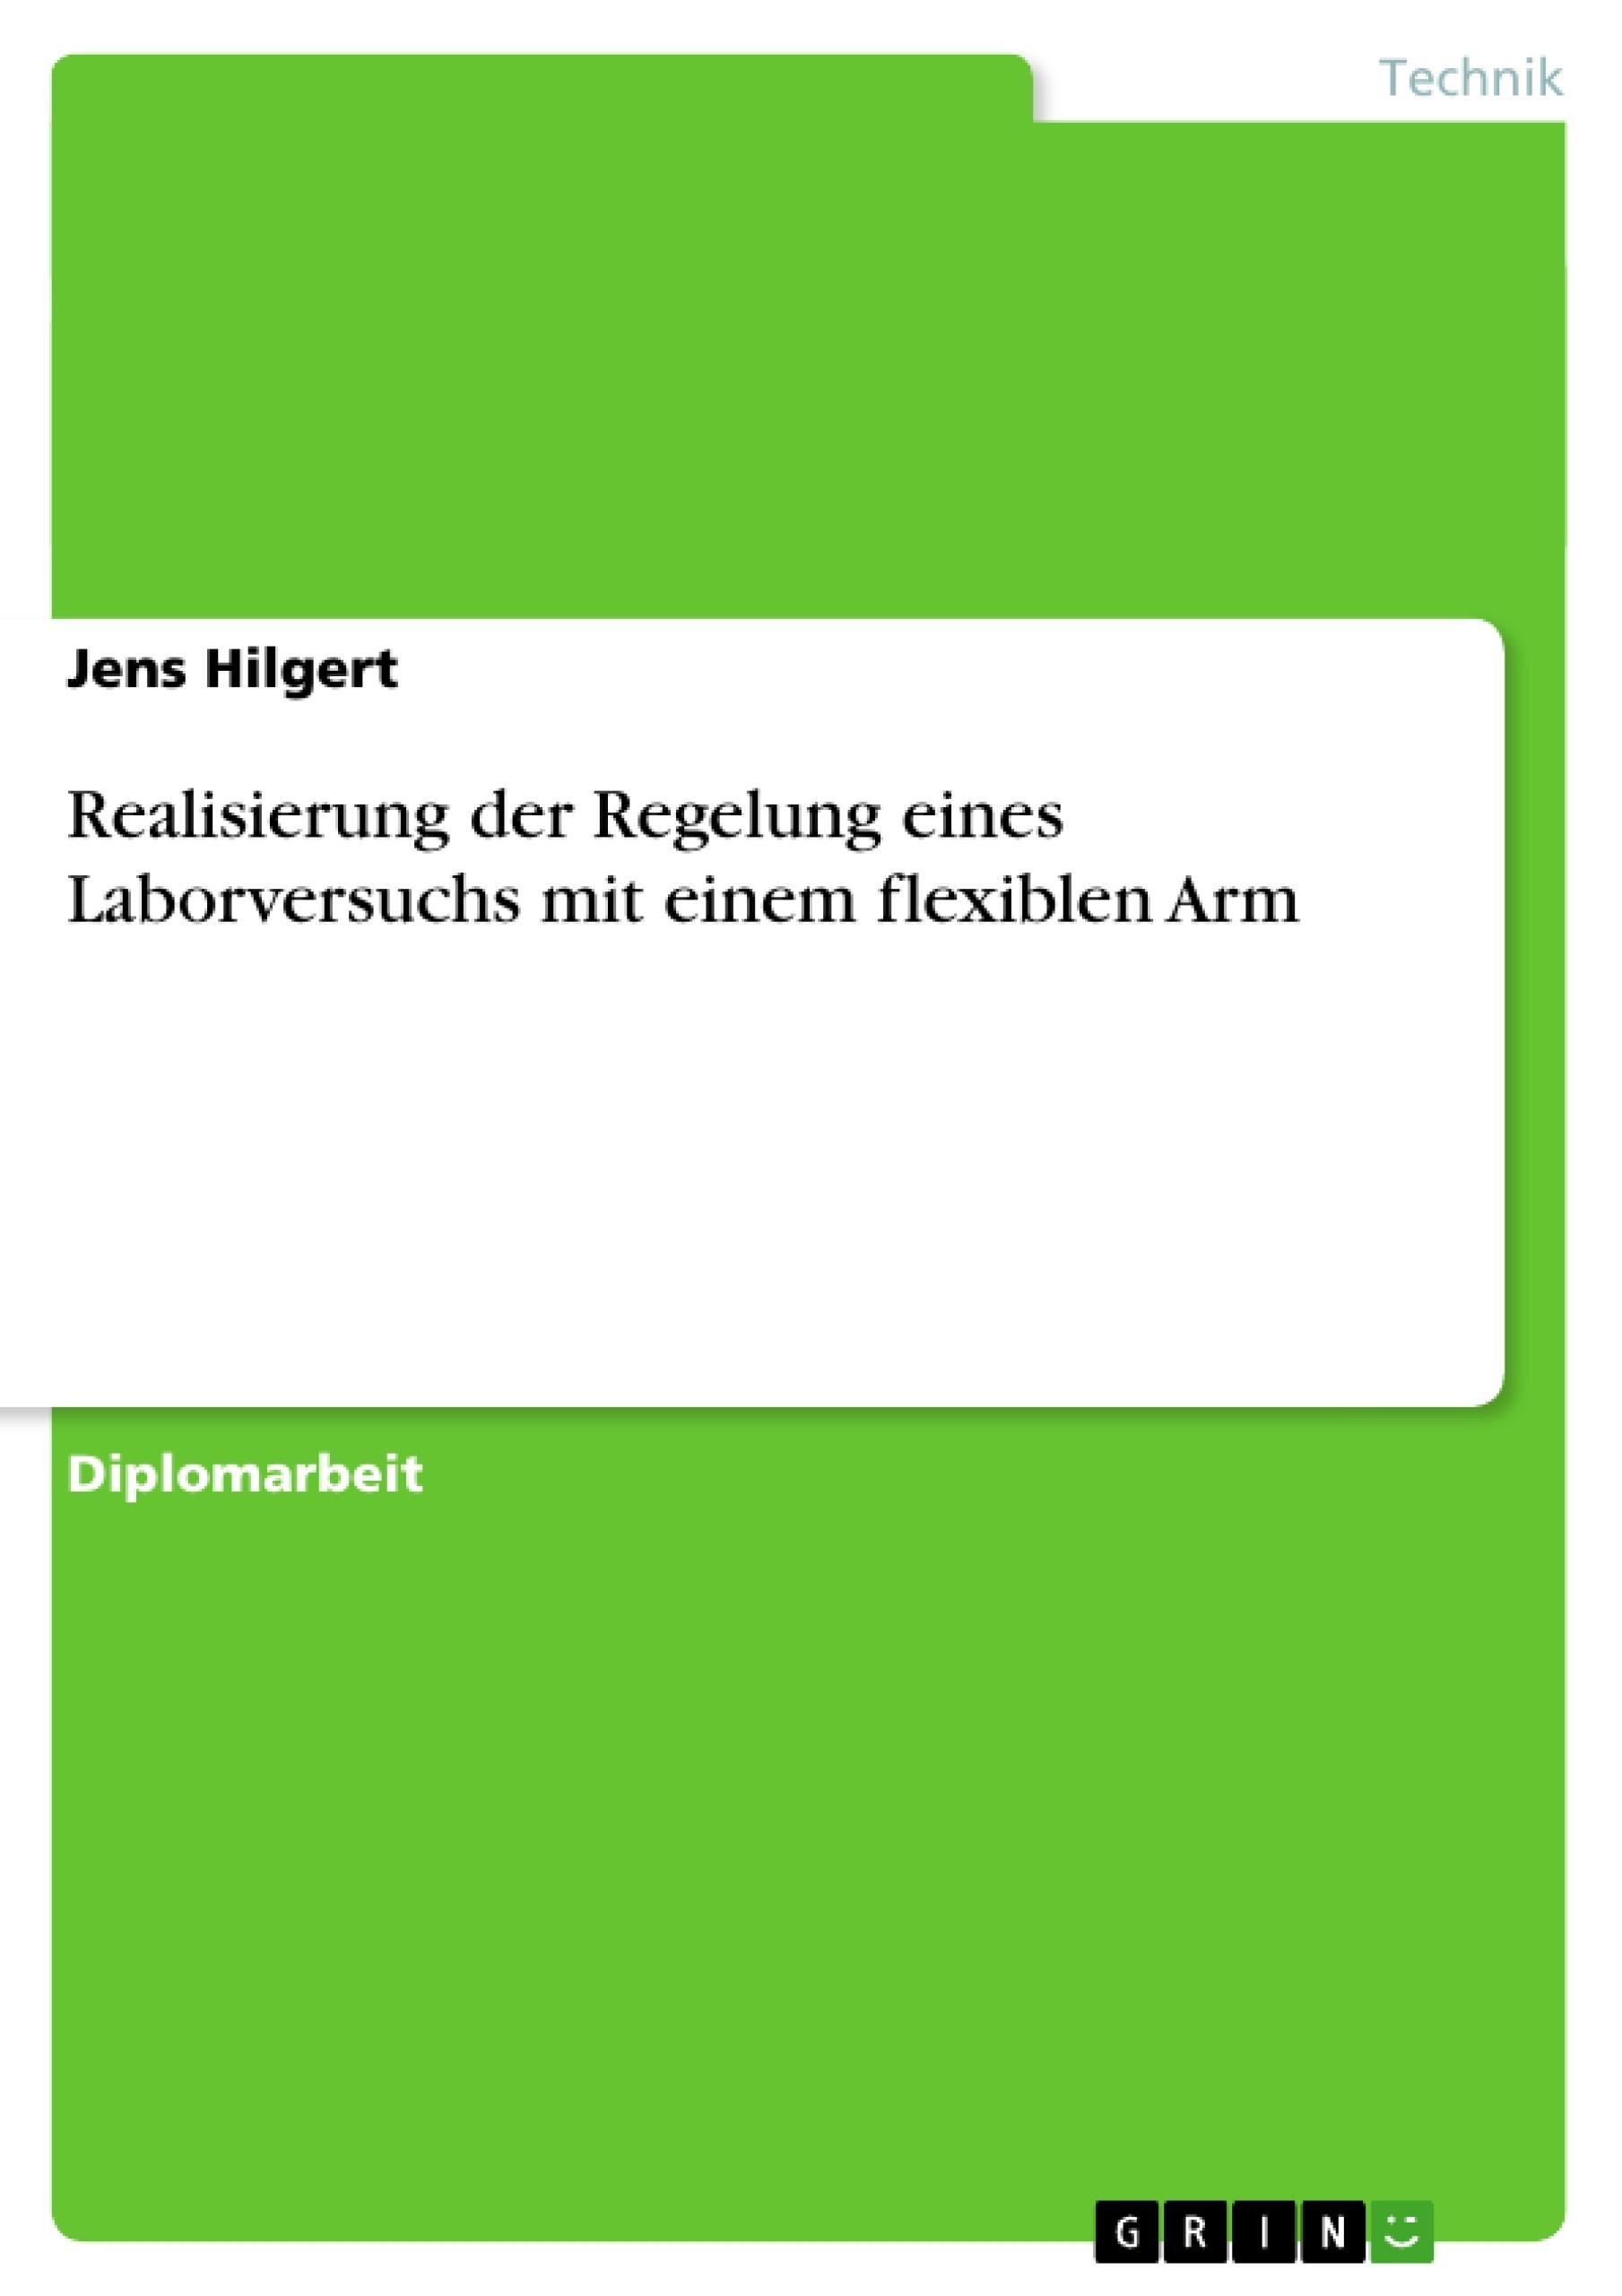 Titel: Realisierung der Regelung eines Laborversuchs mit einem flexiblen Arm